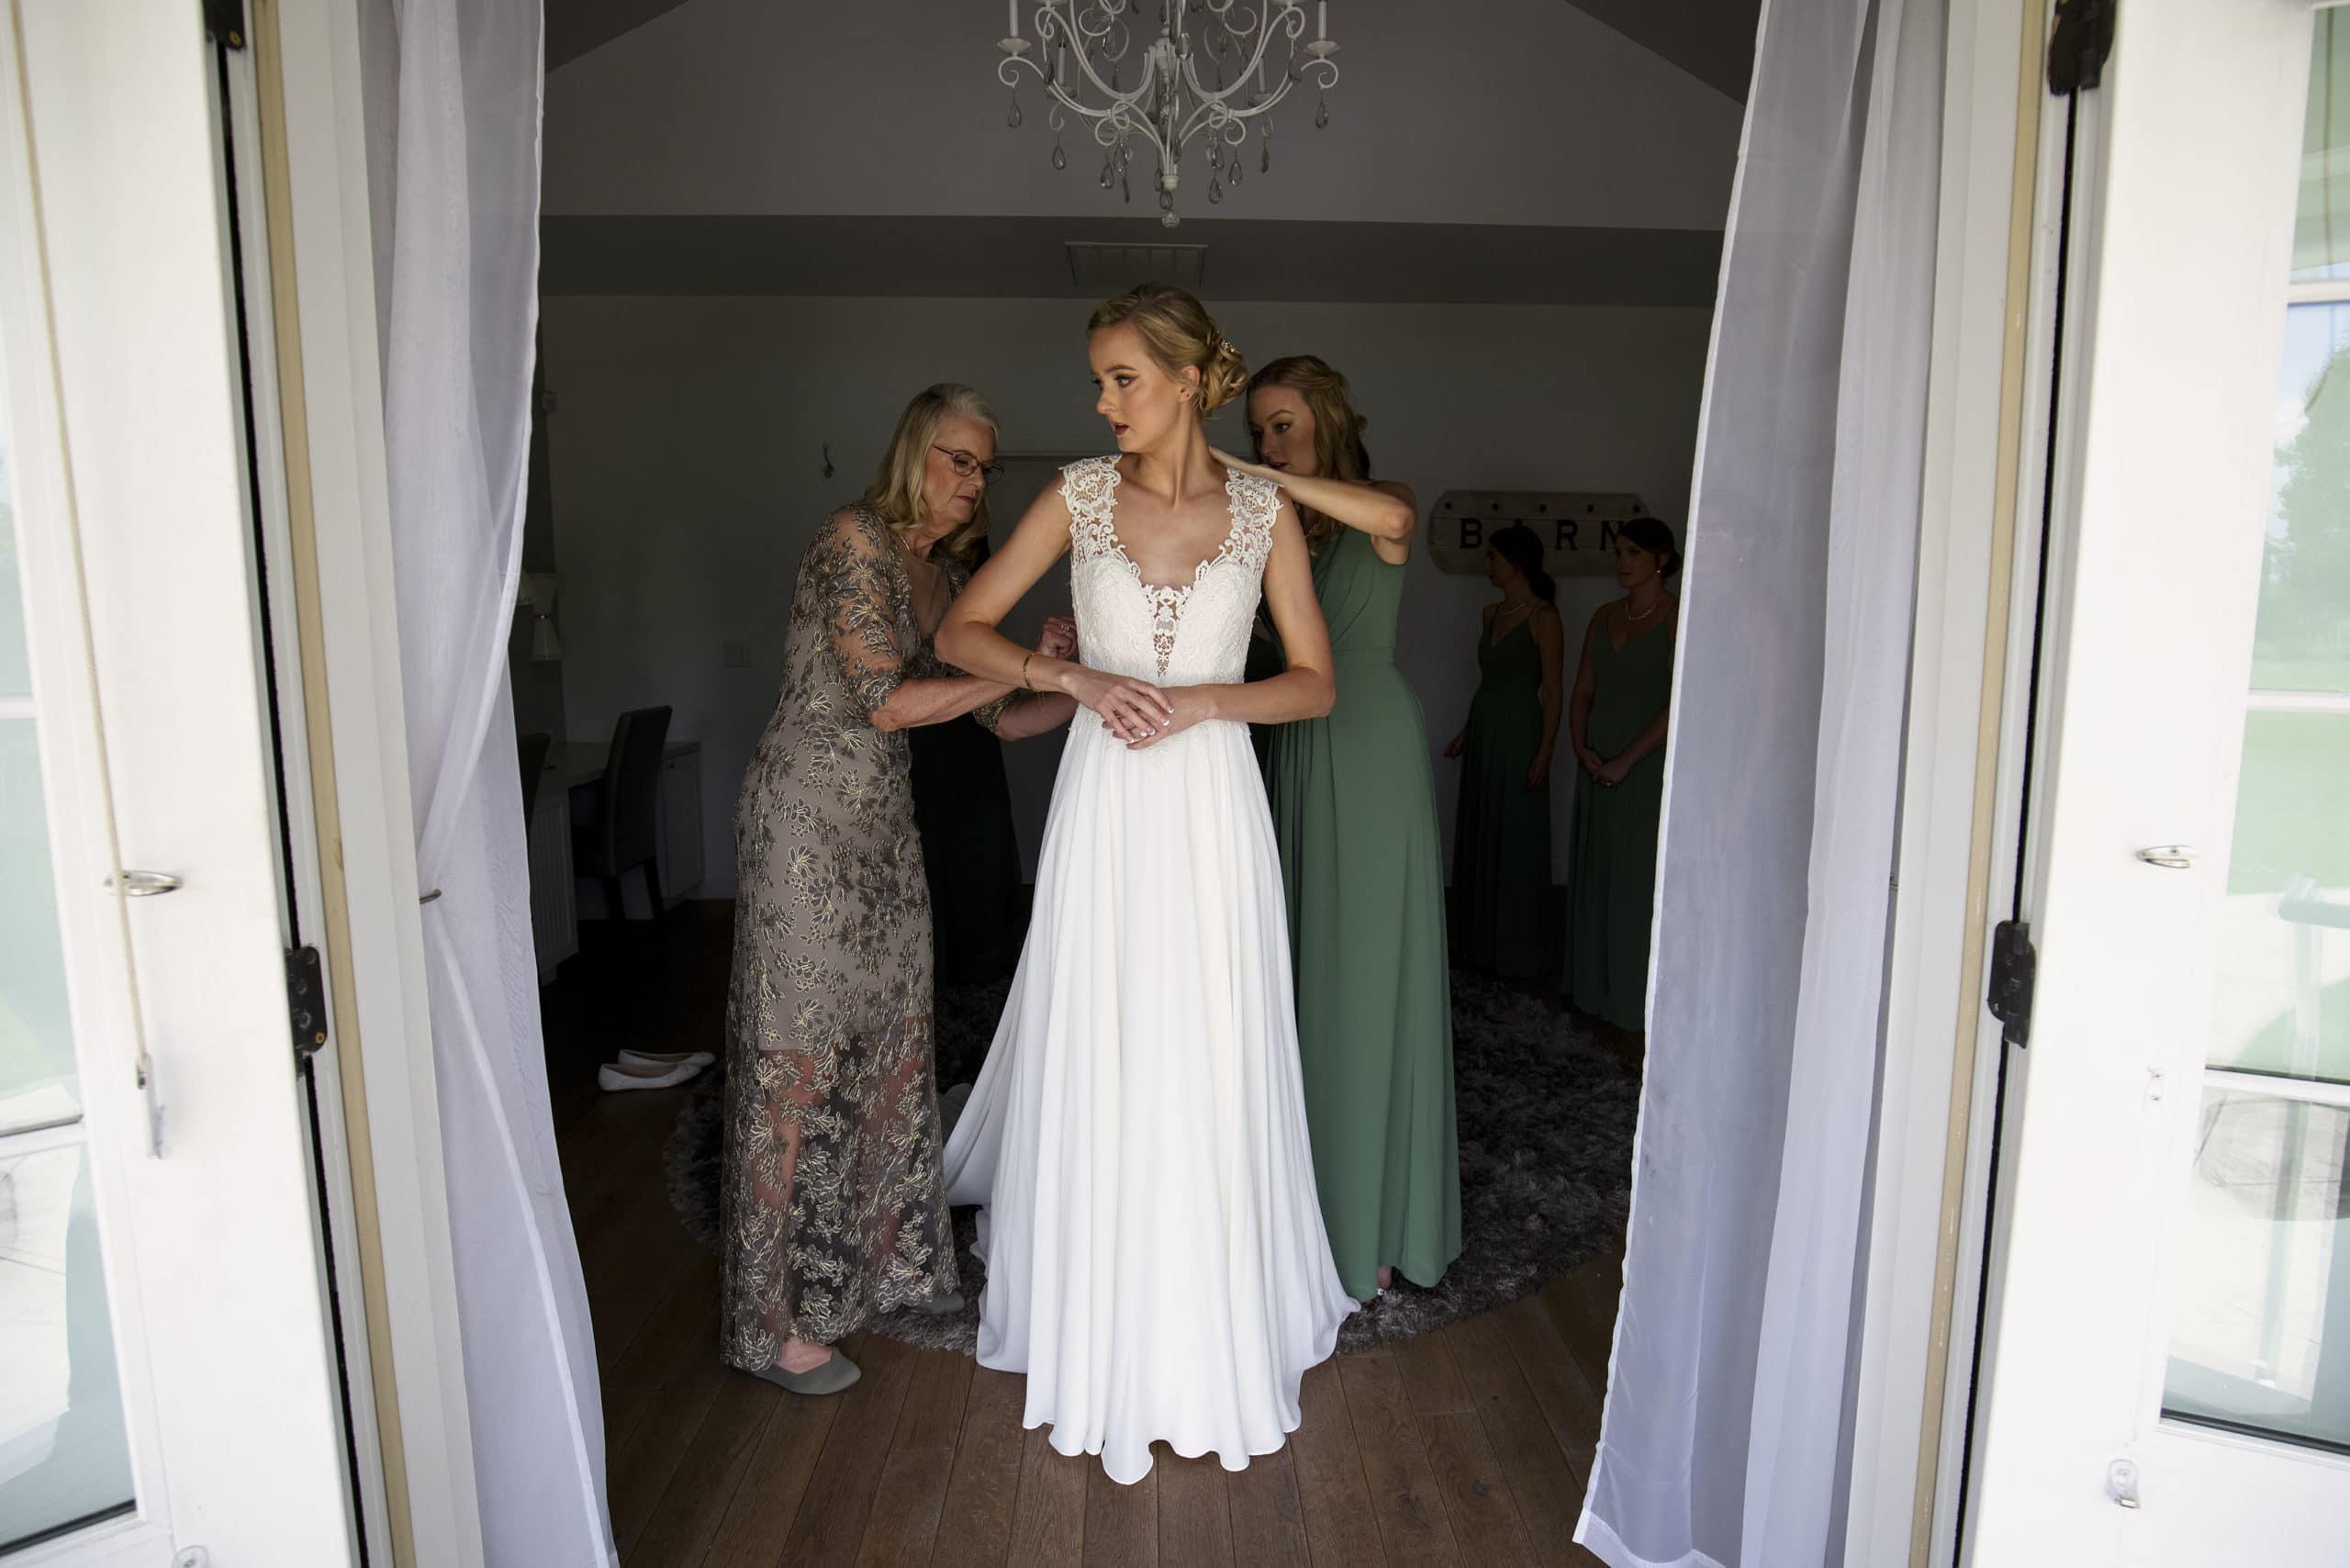 Jennfer gets into her wedding dress